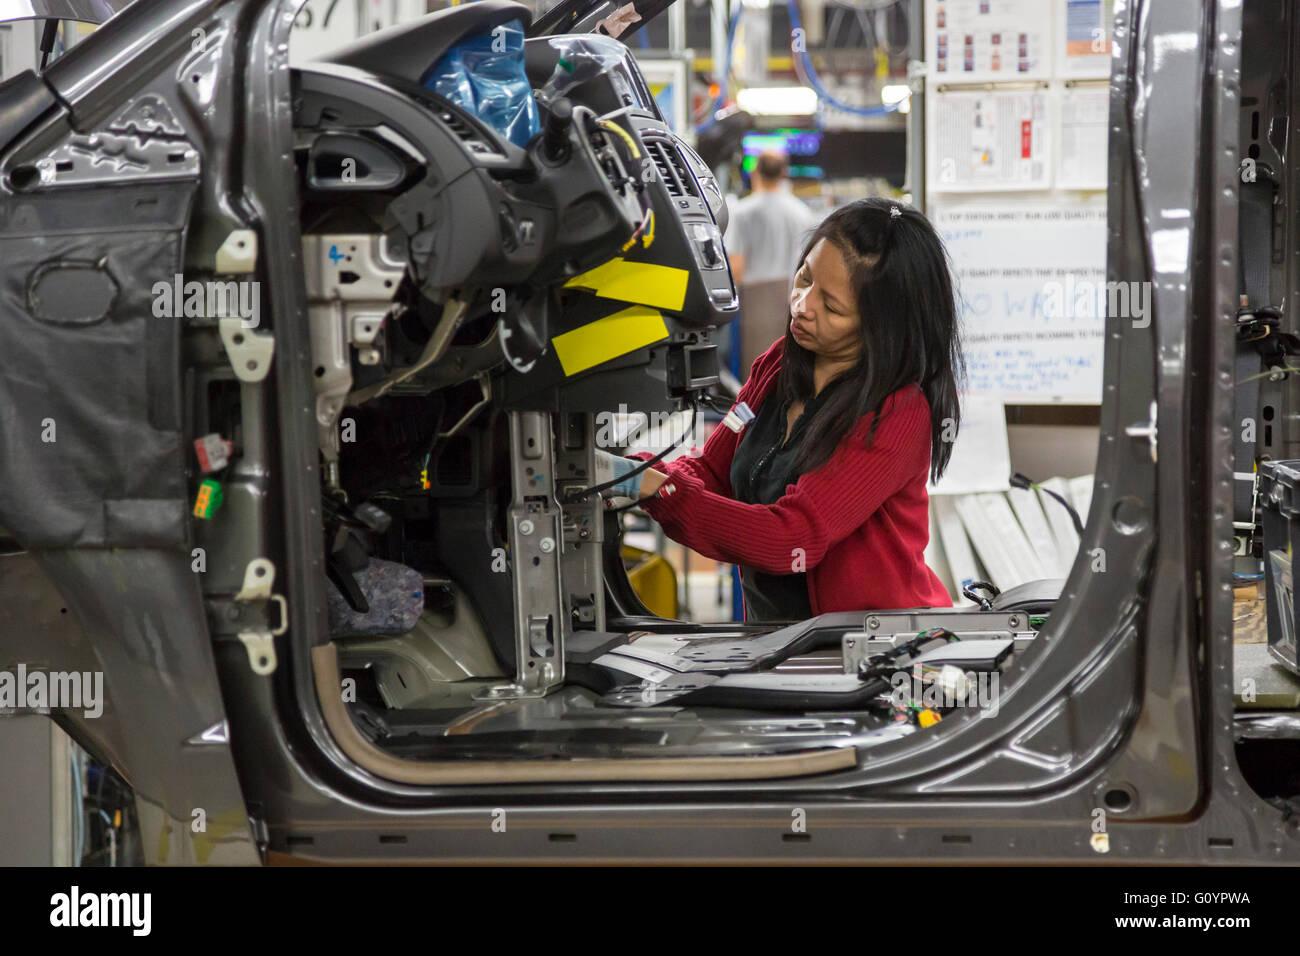 dici diesel abandon abandonner devrait le d ici automobiles psa chrysler pourrait fiat